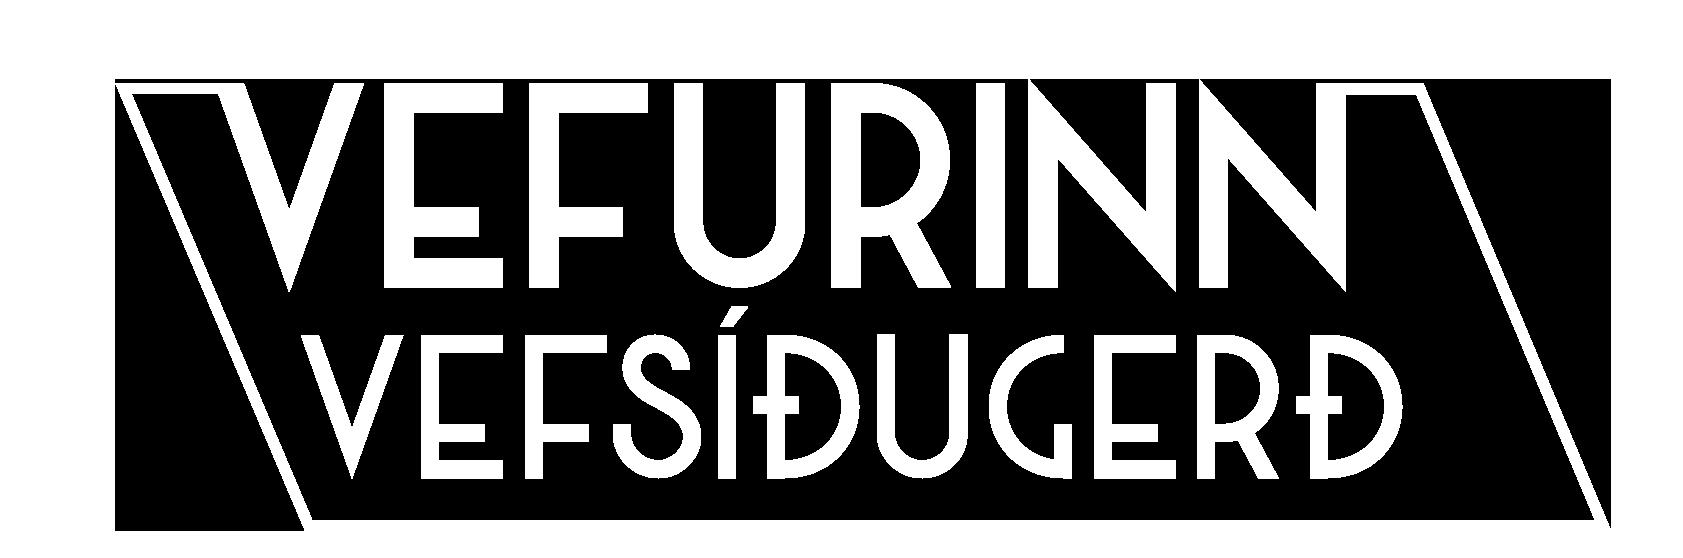 Vefurinn Vefsíðugerð